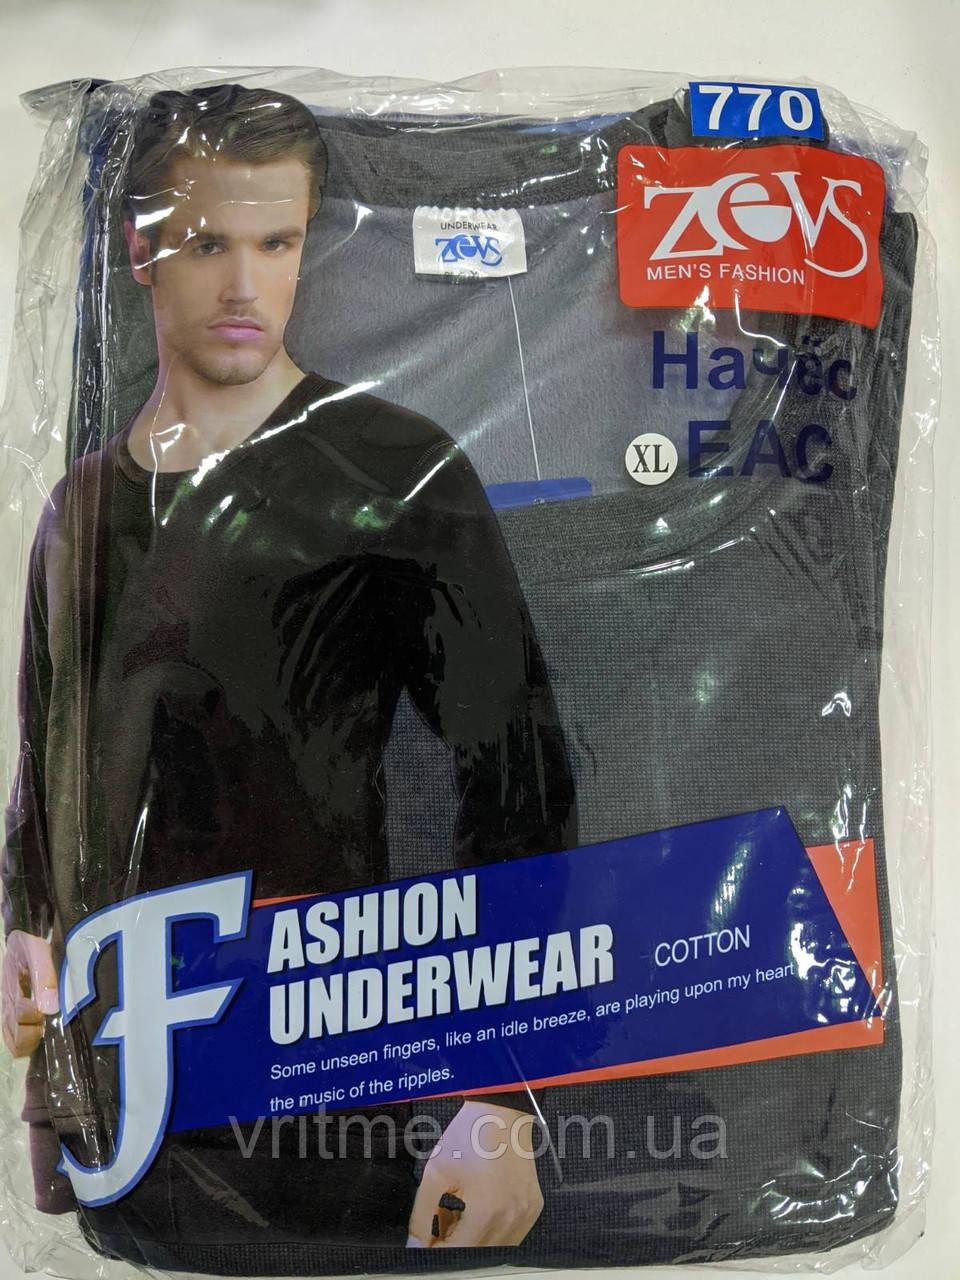 Термобілизна чоловіча з начосом Zevs 100% cotton